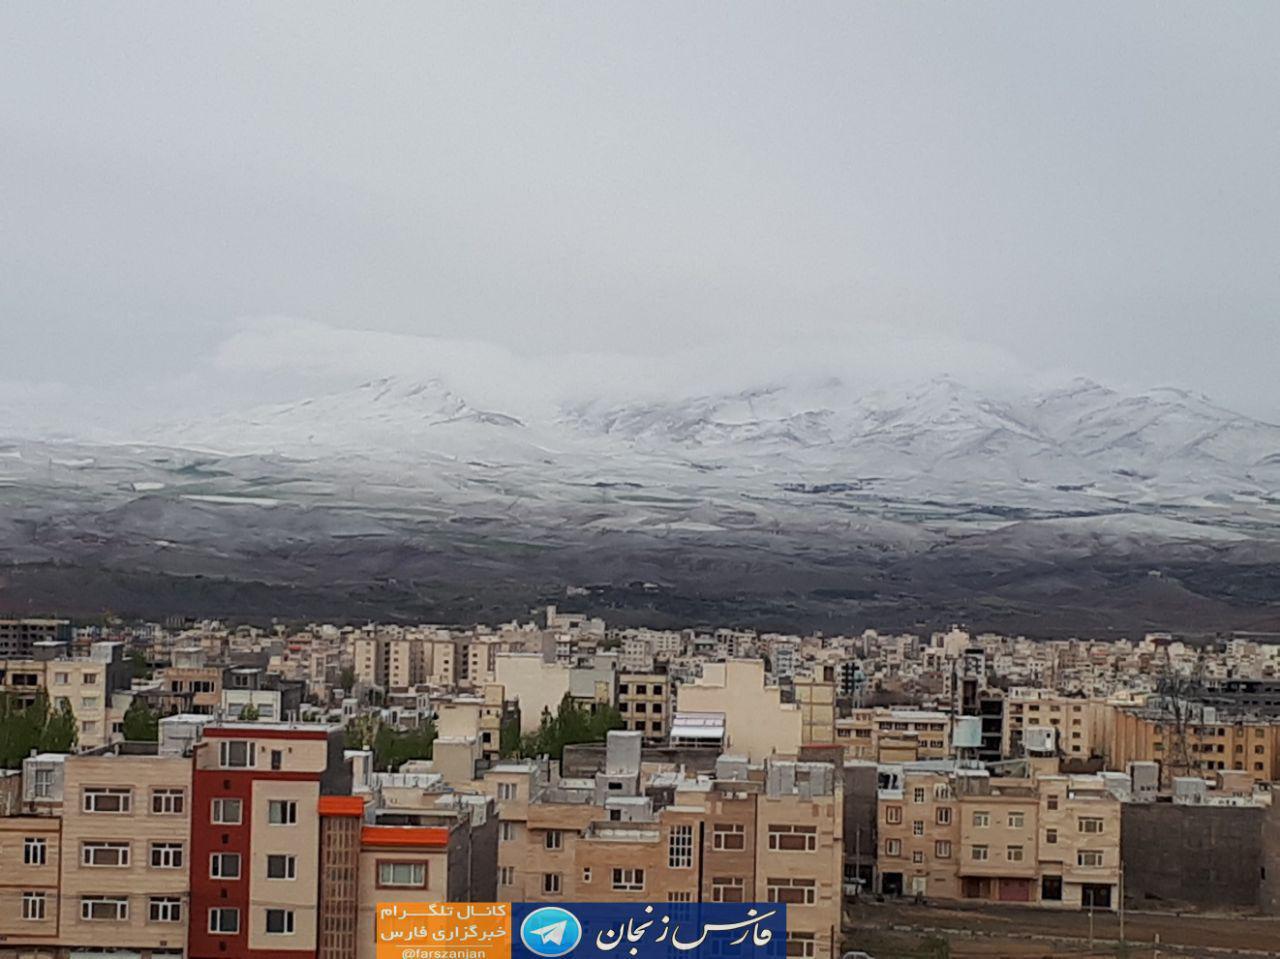 زنجان هم سفید پوش شد + عکس